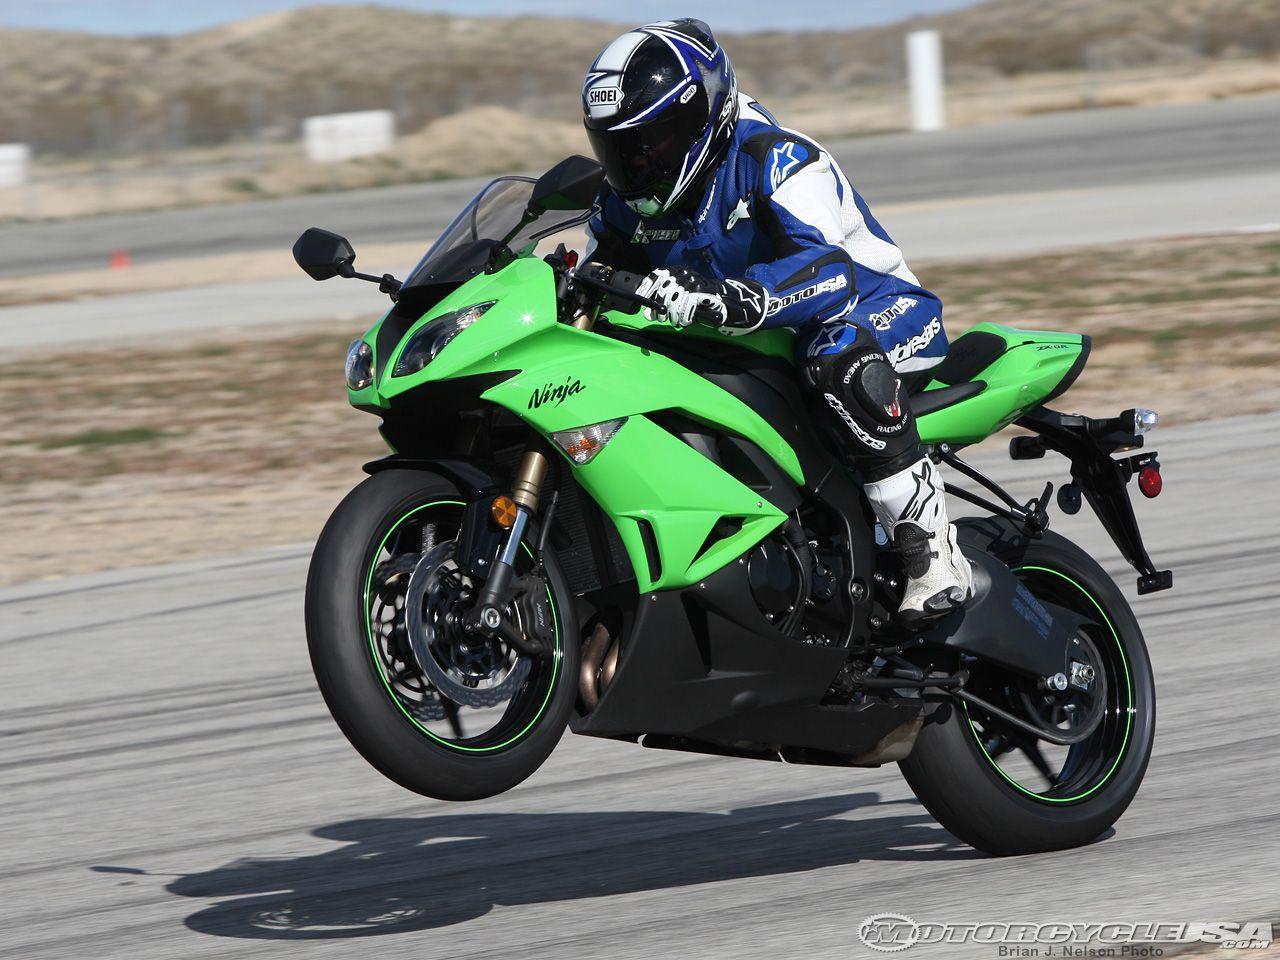 My dream bike. The Kawasaki Ninja in my favorite color :) | Things ...